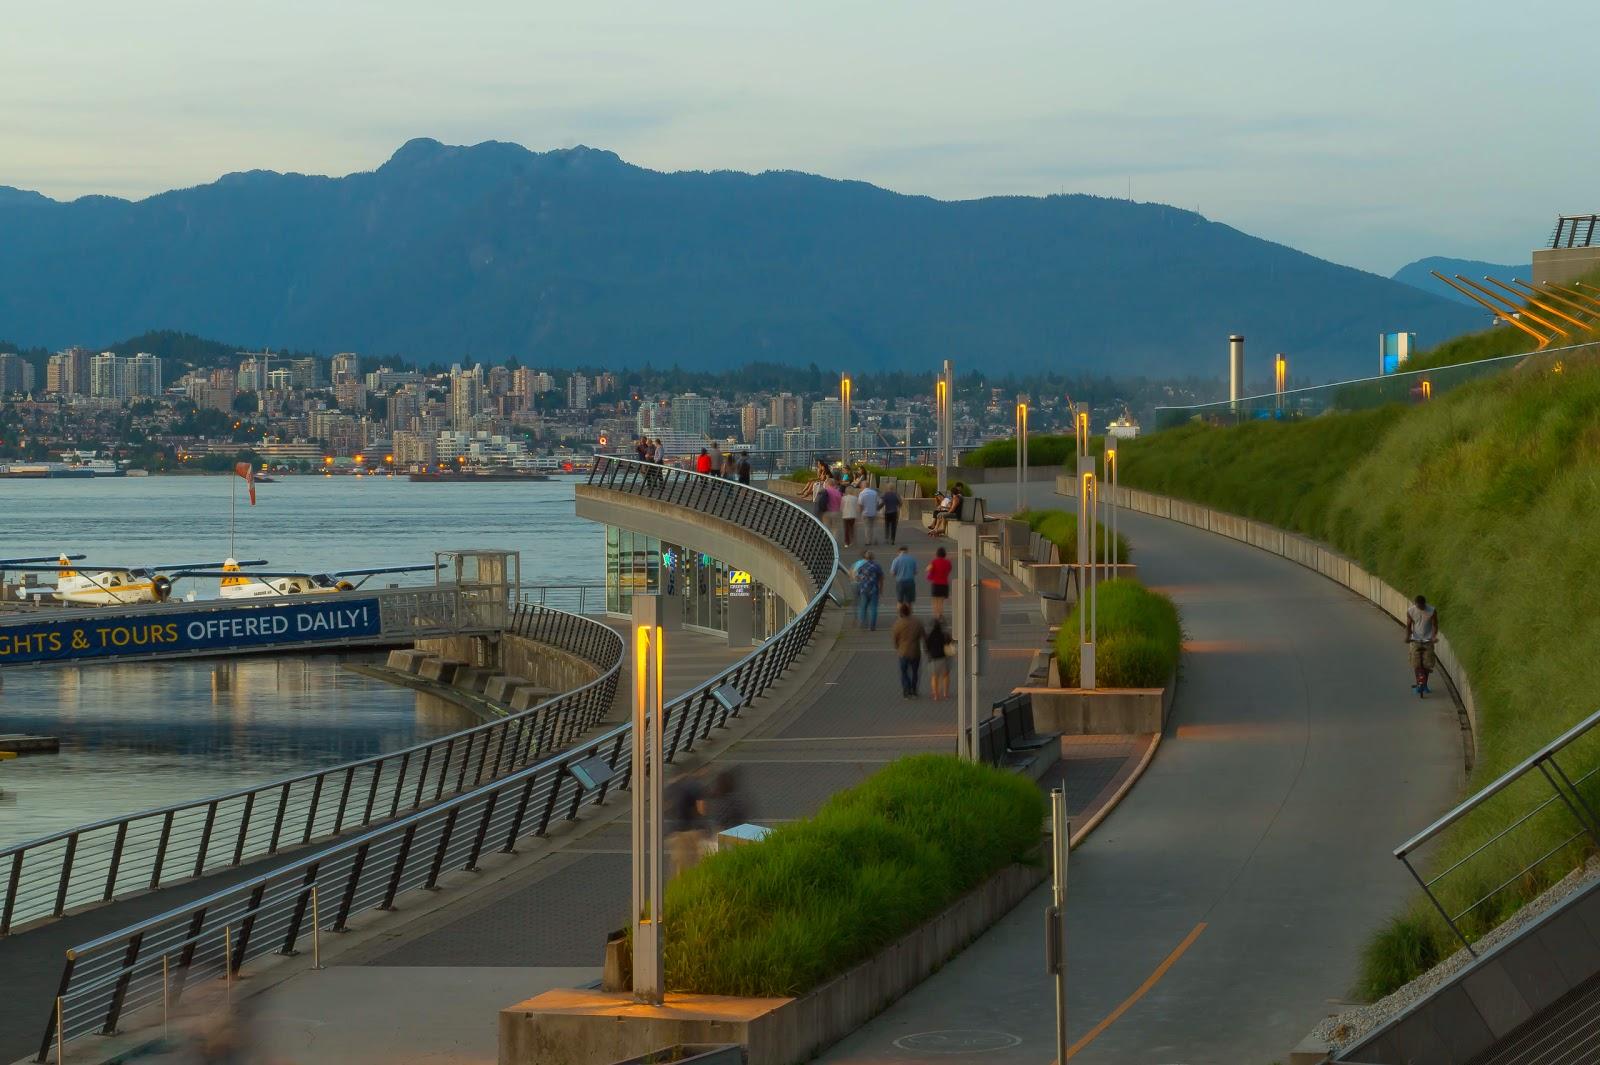 Далее от Конференц-центра спускаемся к набережной. На другой стороне залива виднеются многоэтажки Северного Ванкувера.